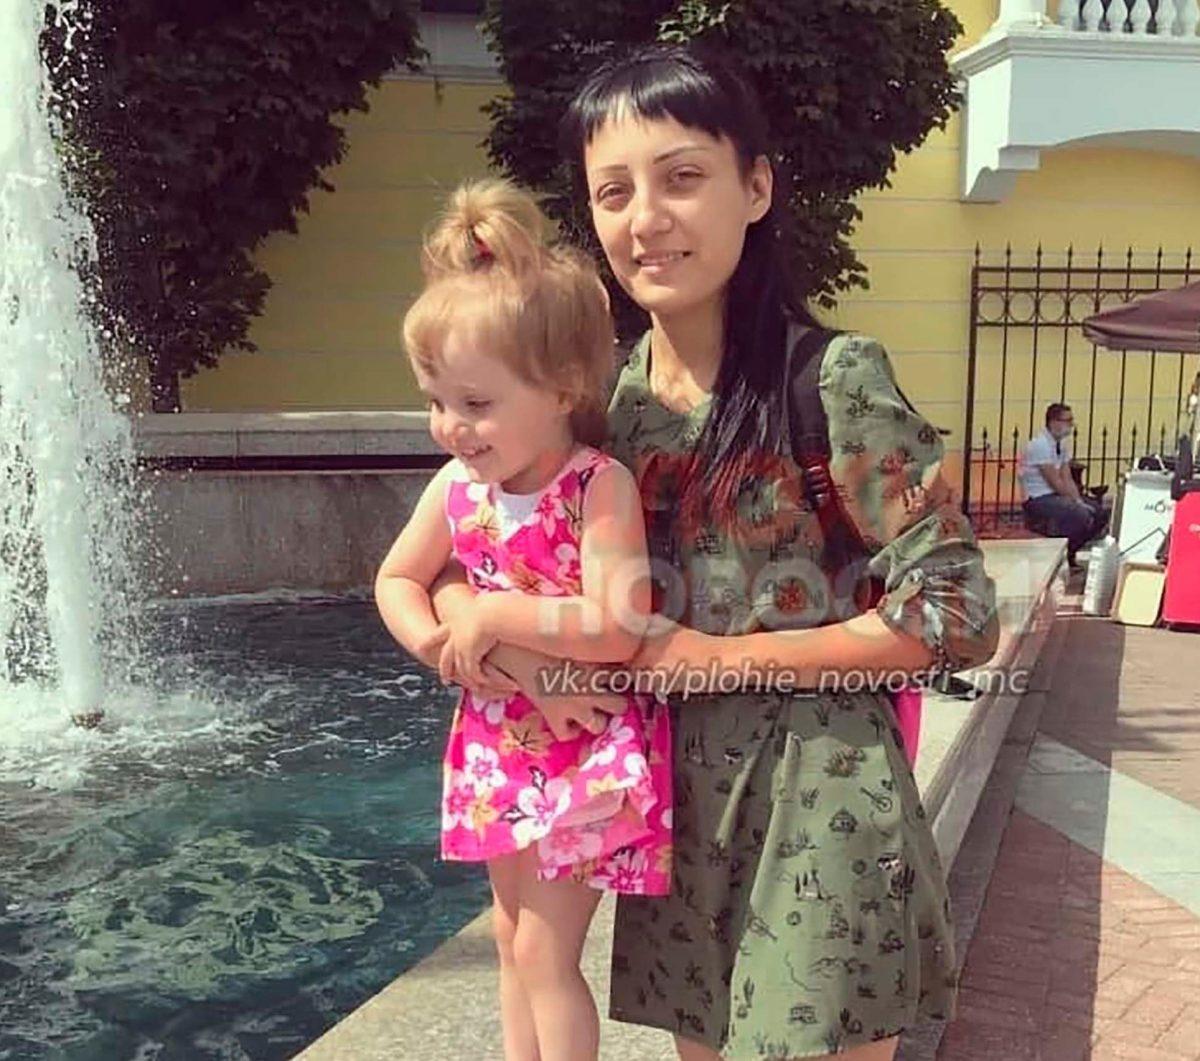 Απόλυτη φρίκη: Κρέμασε και ταρακουνούσε την 3χρονη κόρη της έξω από μπαλκόνι μέχρι που της έφυγε από τα χέρια